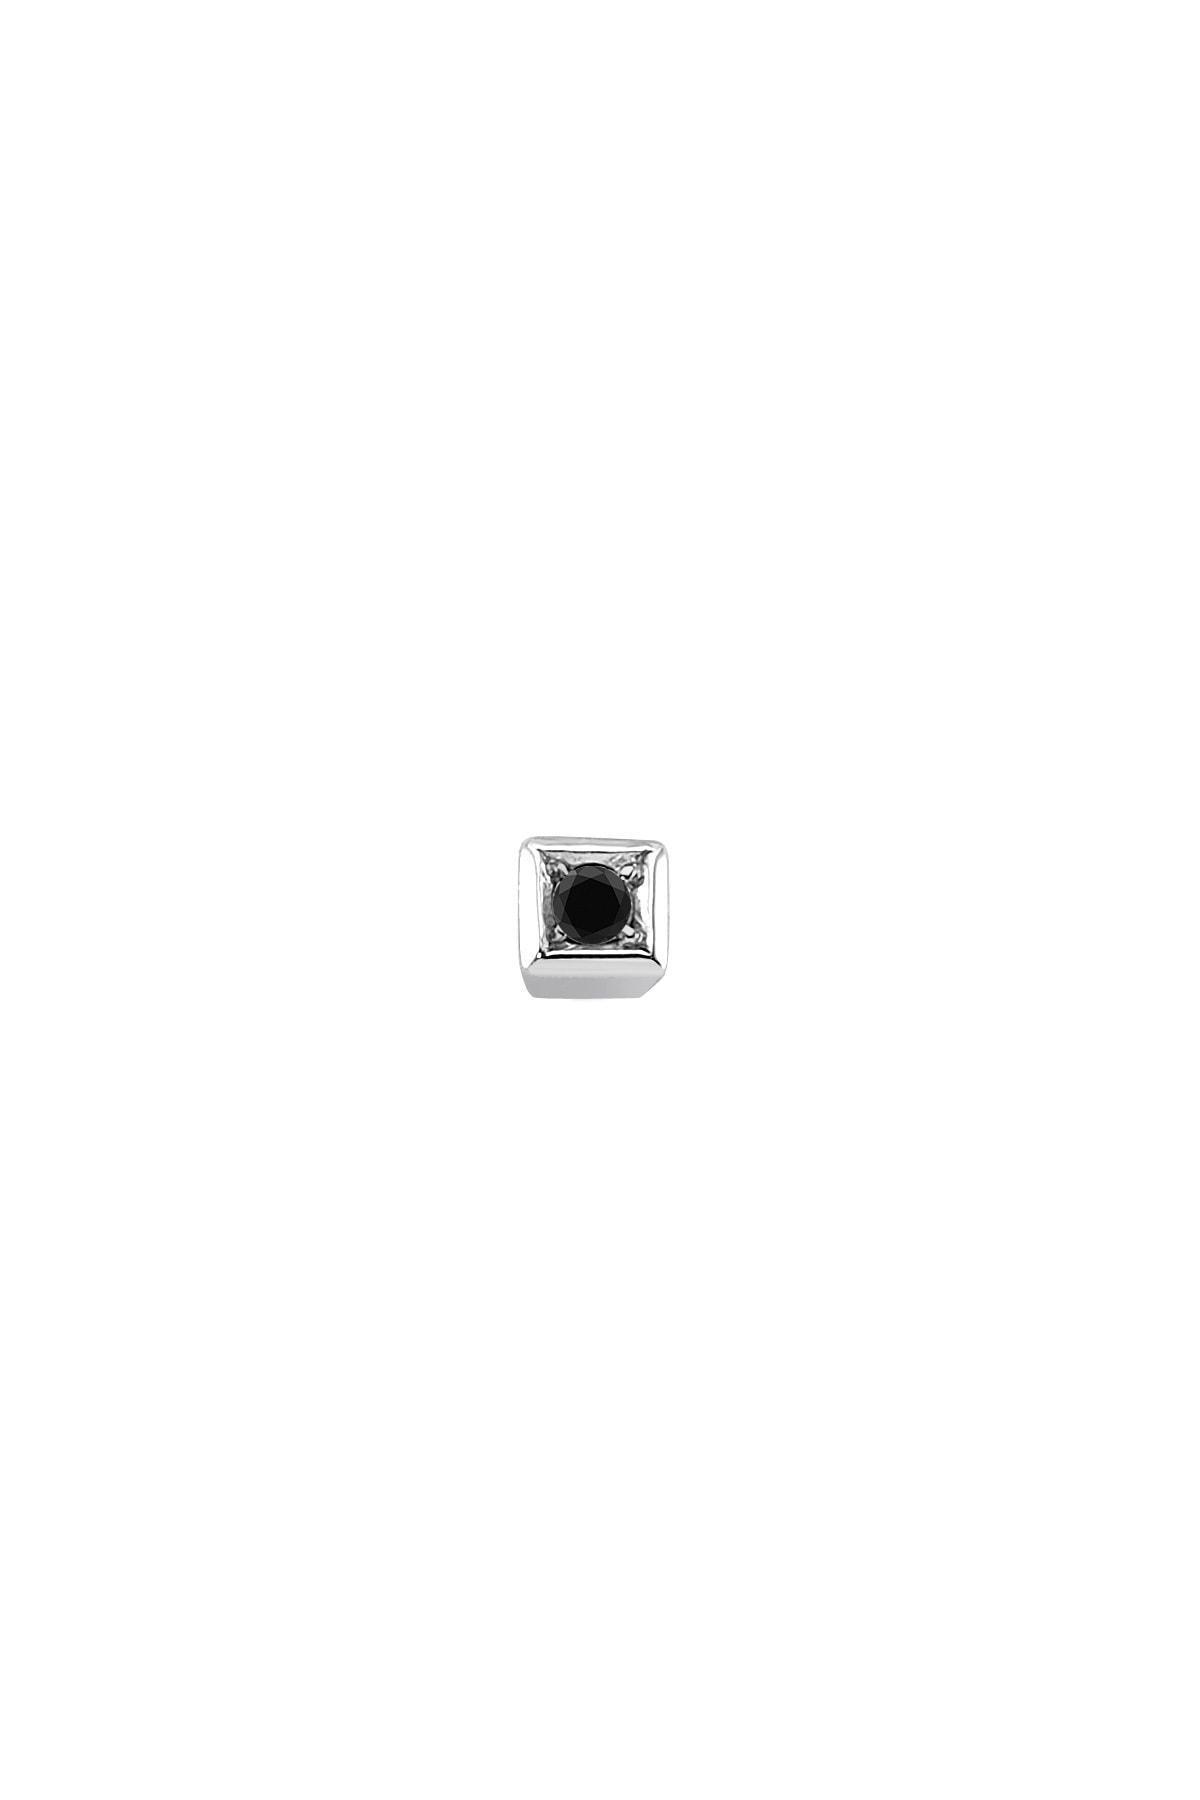 Sirius Pırlanta 0,02 Karat Siyah Pırlanta Tektaş Erkek Küpesi 1